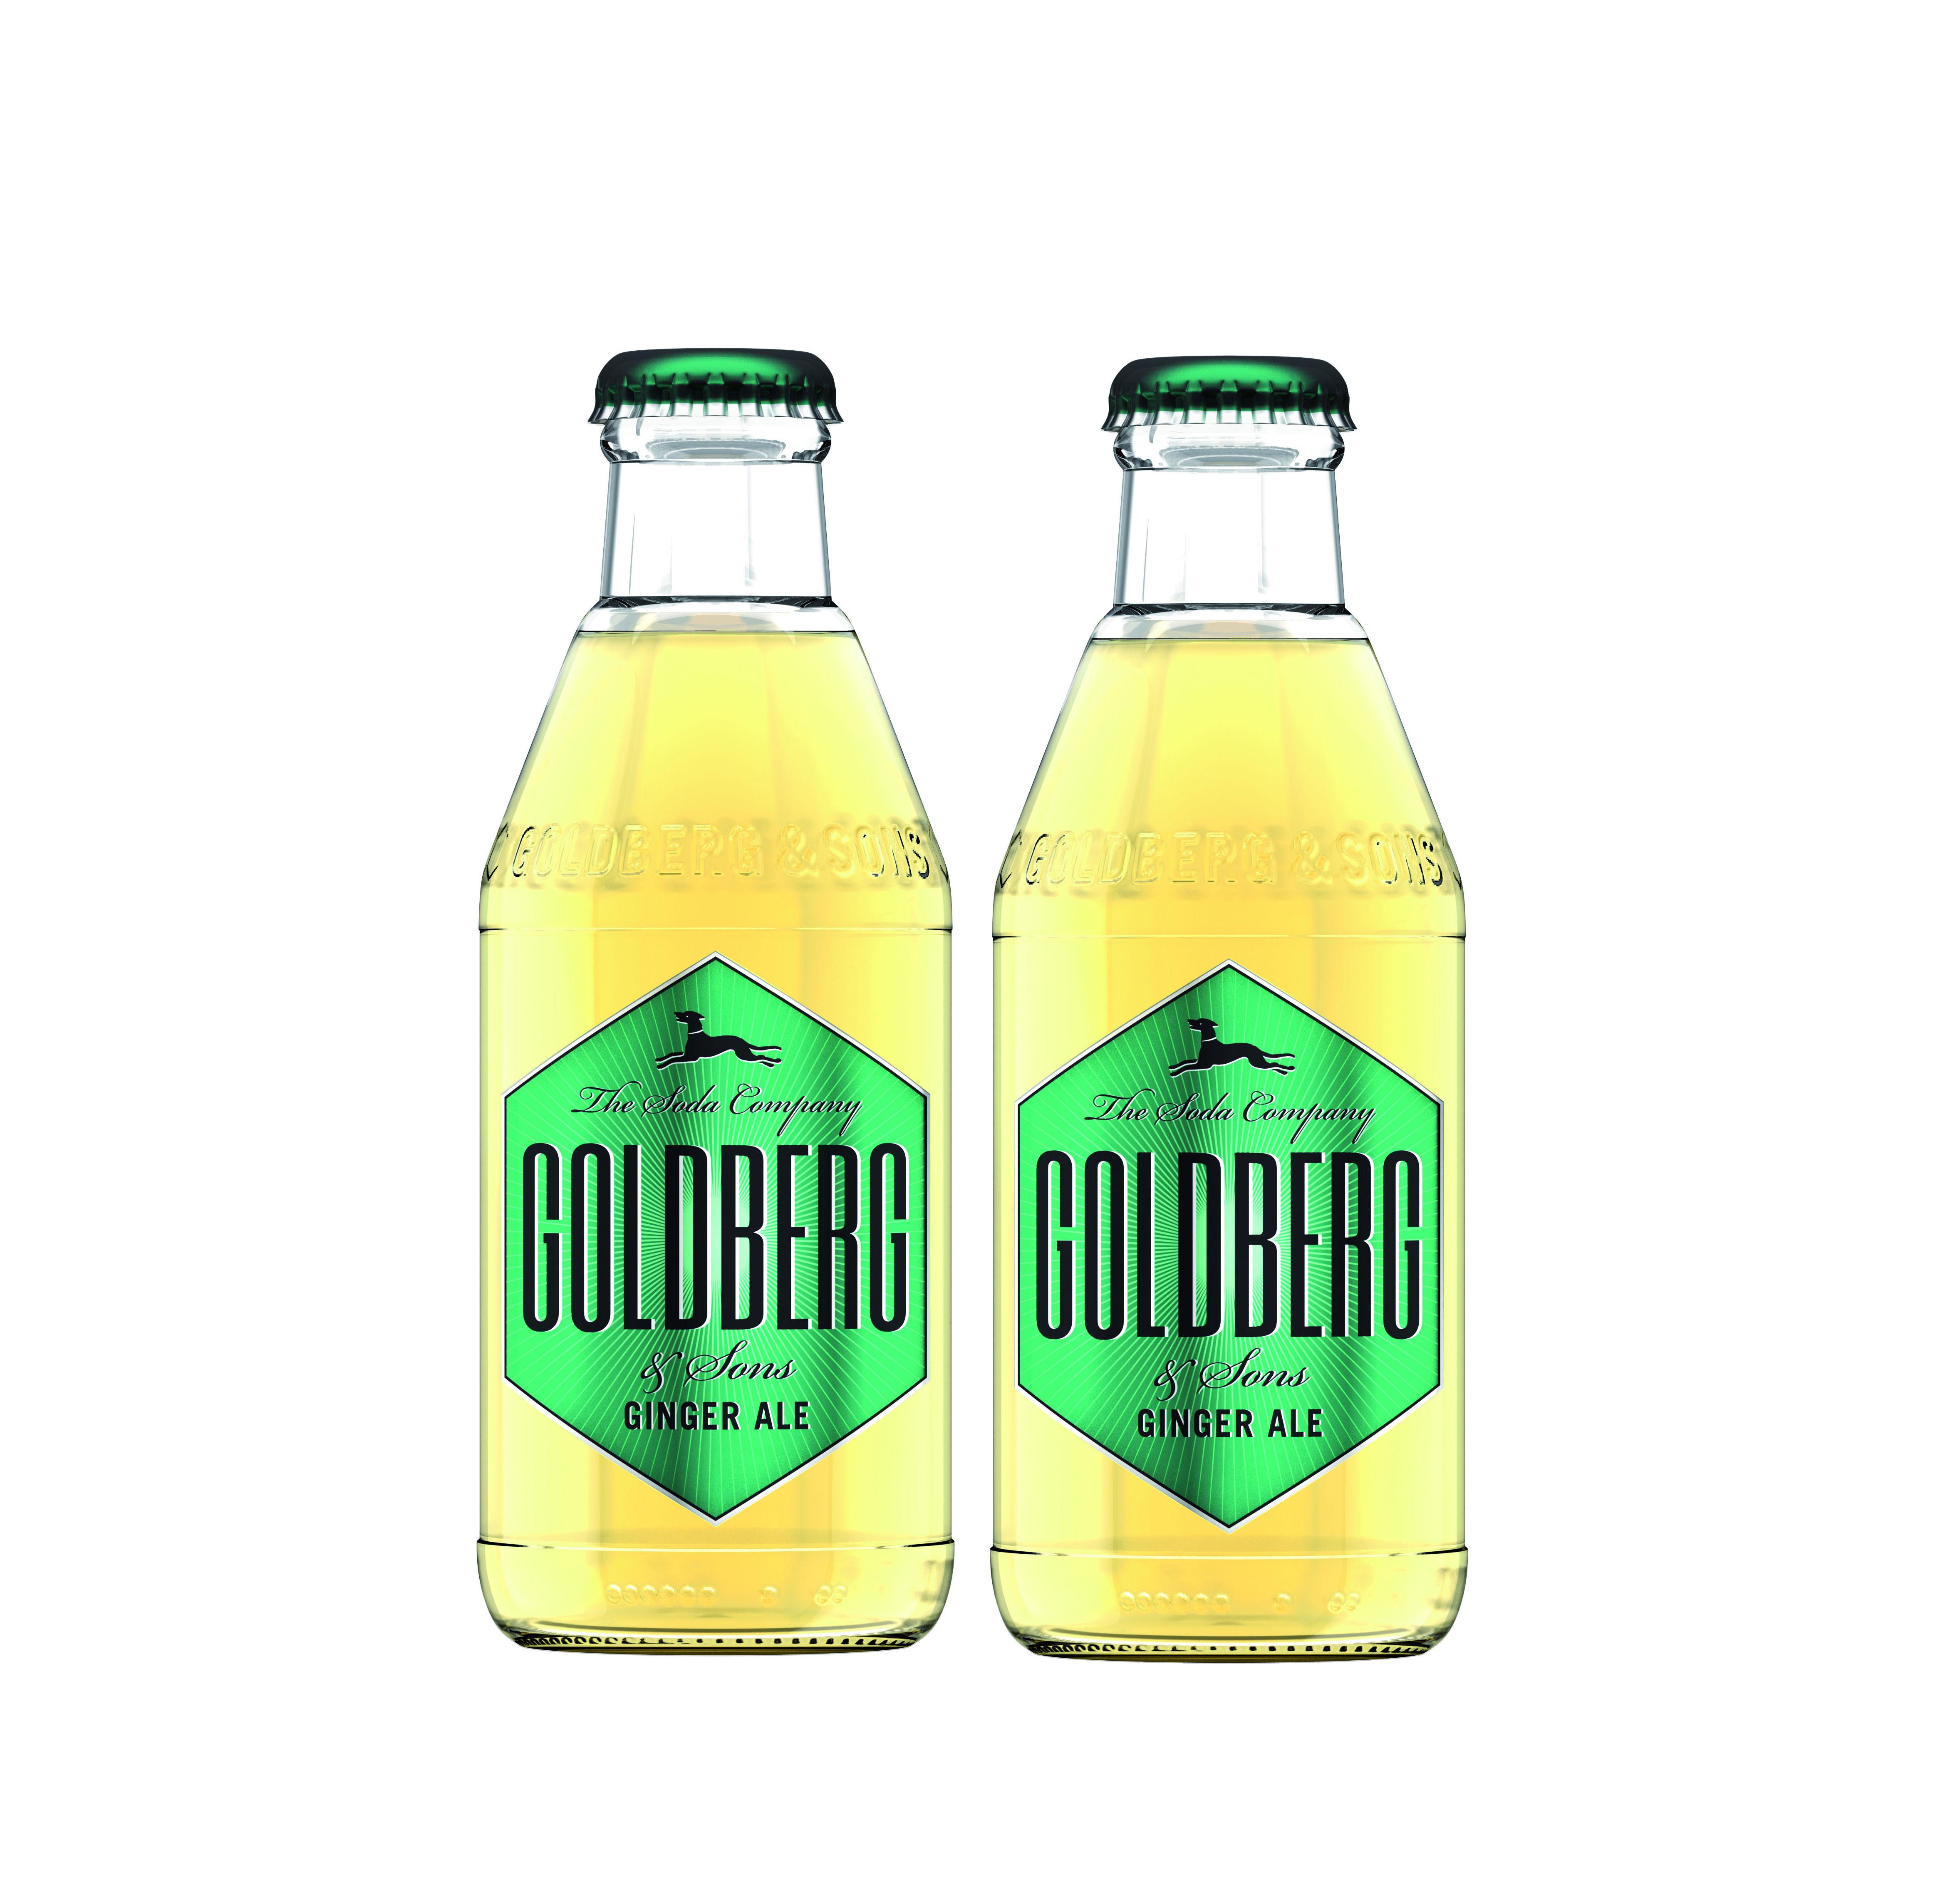 Goldberg Ginger Ale 2er Set - 2x200ml Inkl. Pfand MEHRWEG